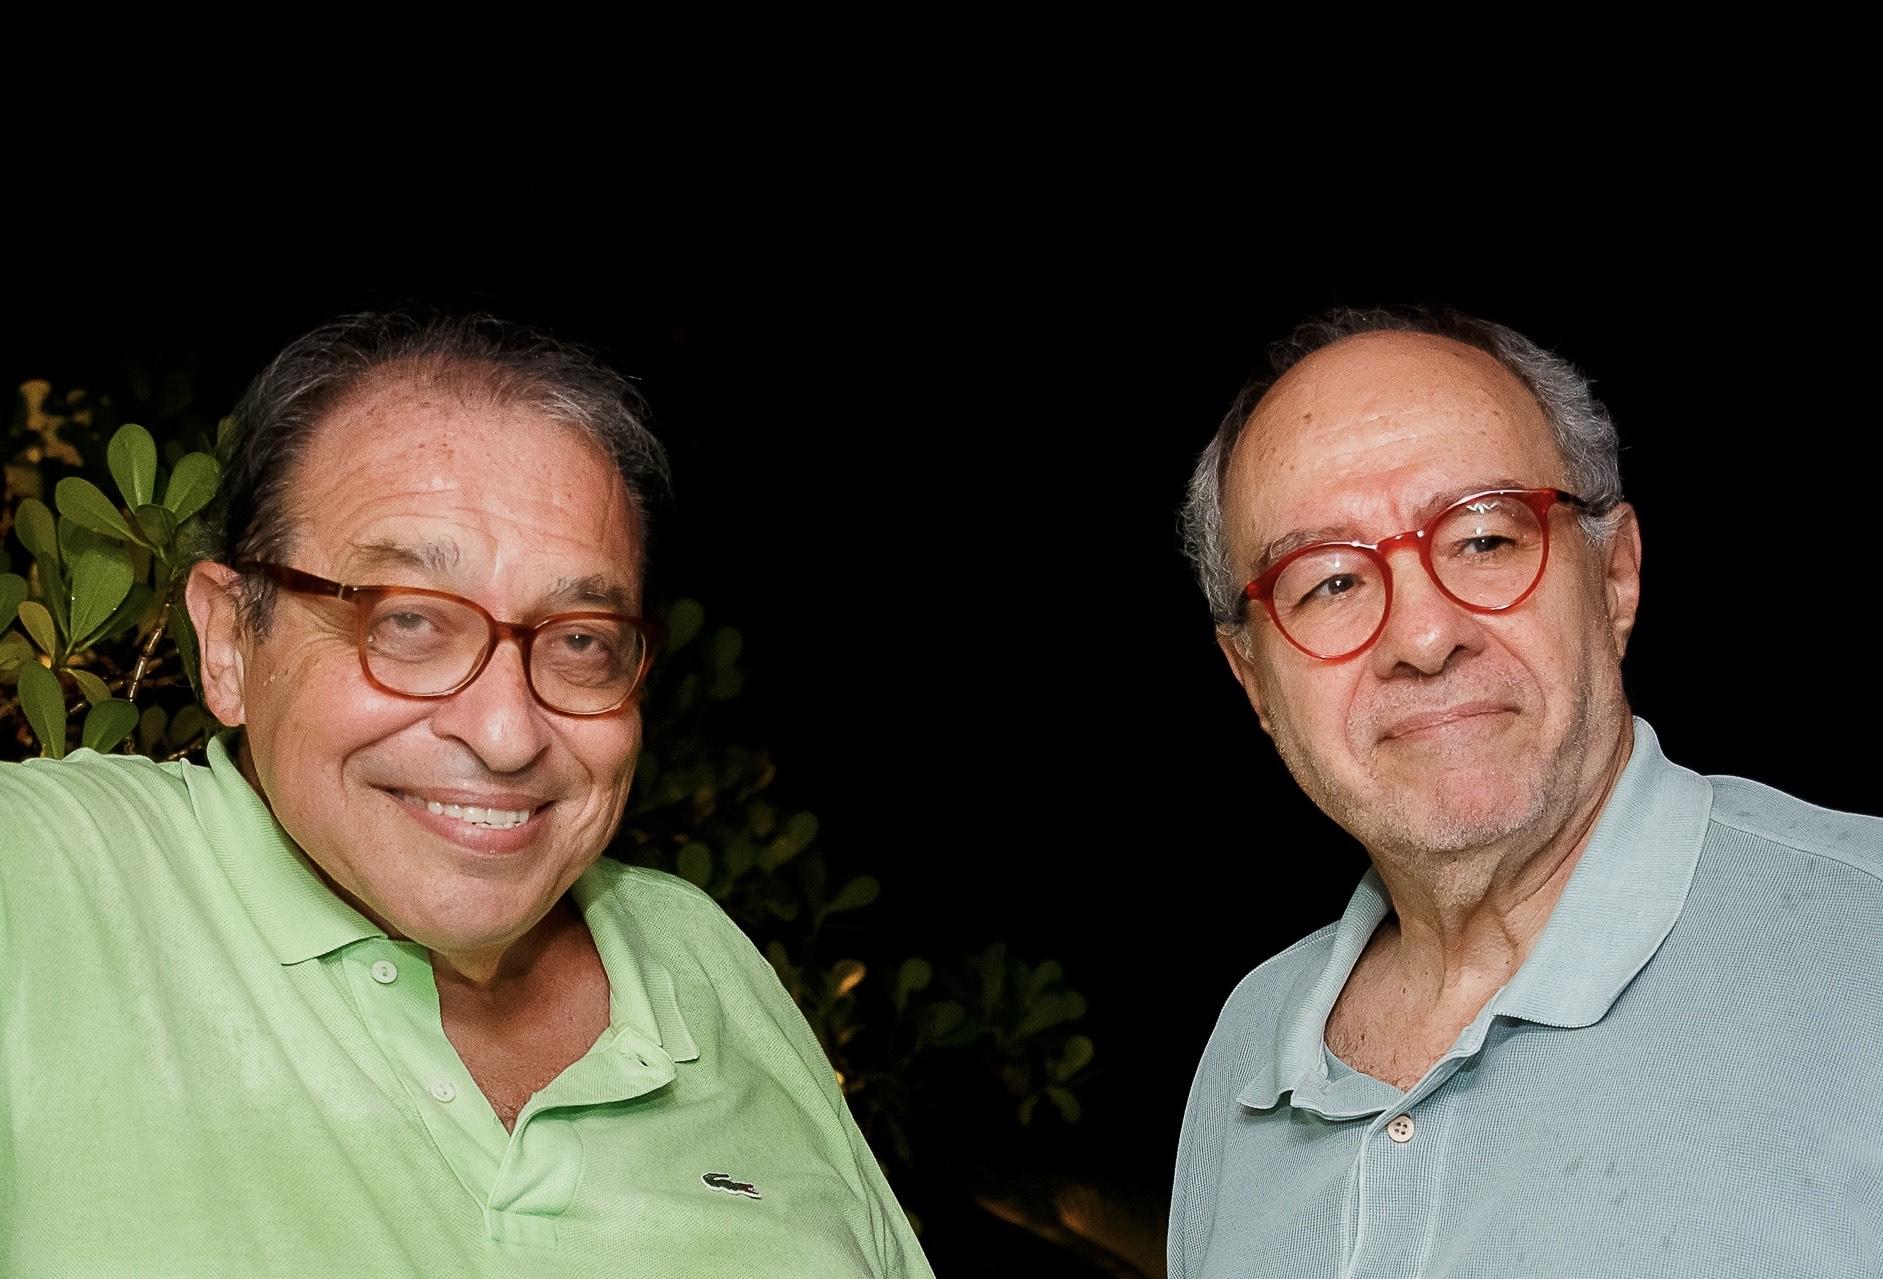 #SempreUmPapo com Ruy Castro e Sergio Augusto